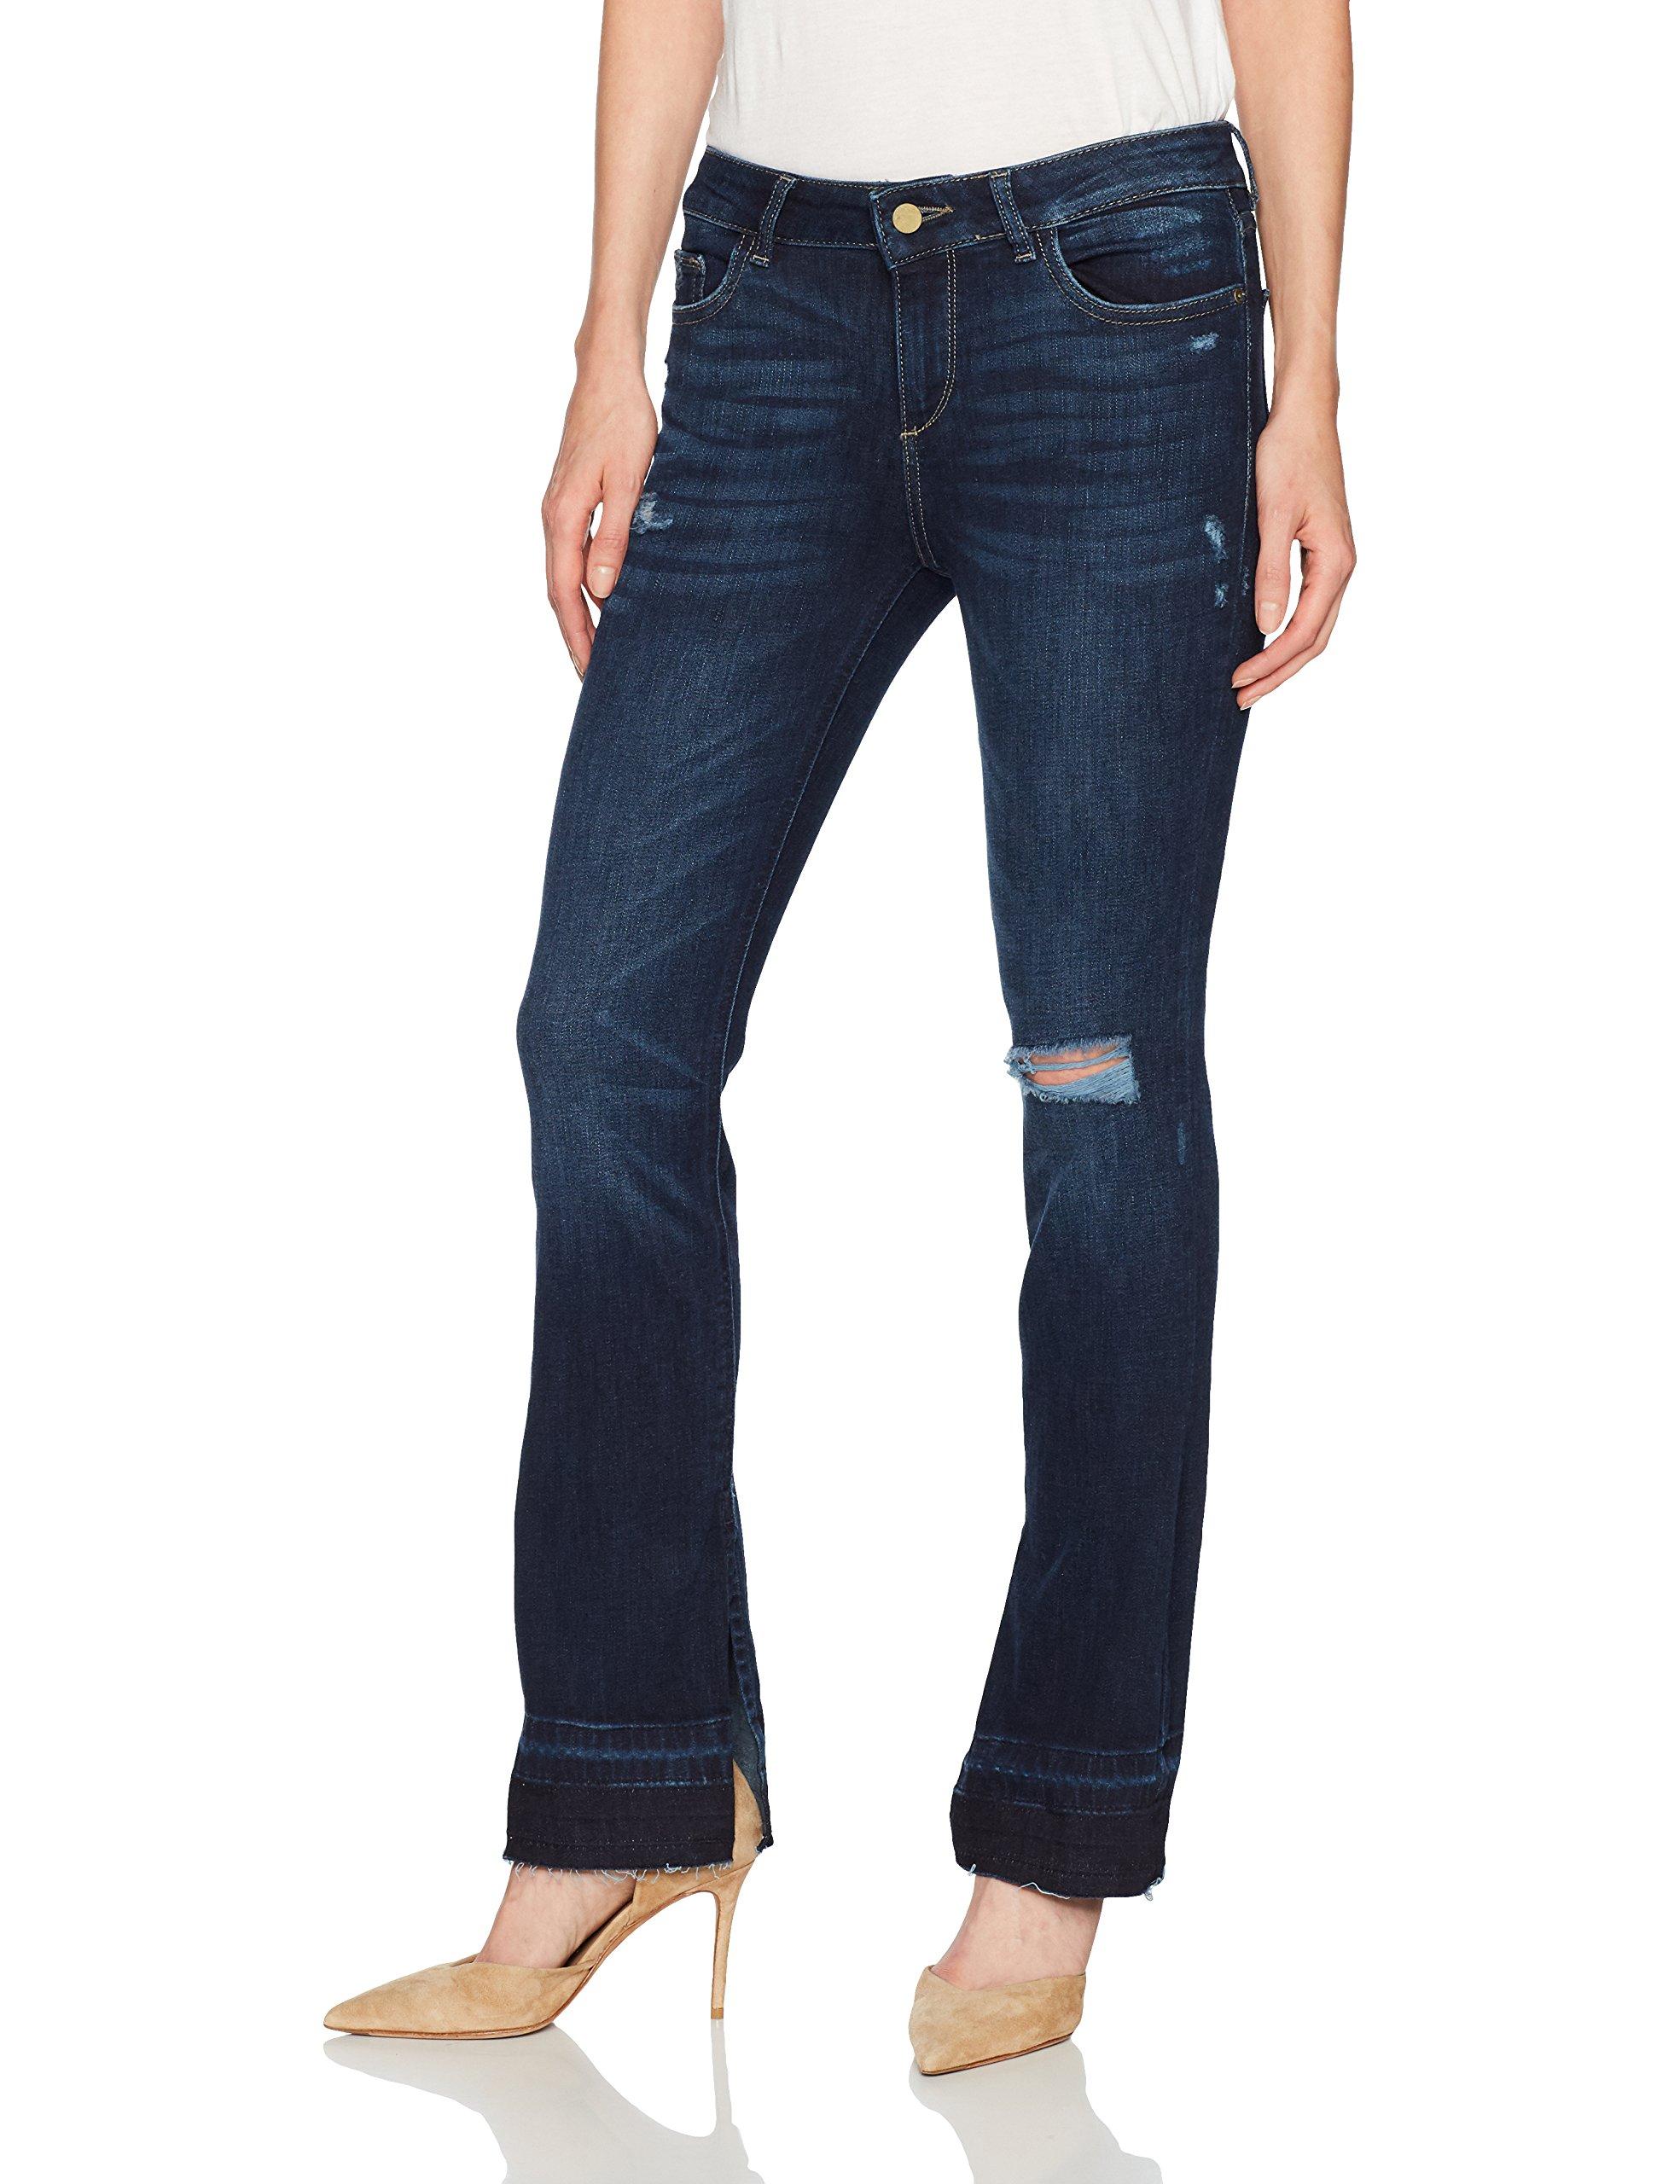 DL1961 Women's Bridget Instasculpt Bootcut Jeans, Huntington, 27